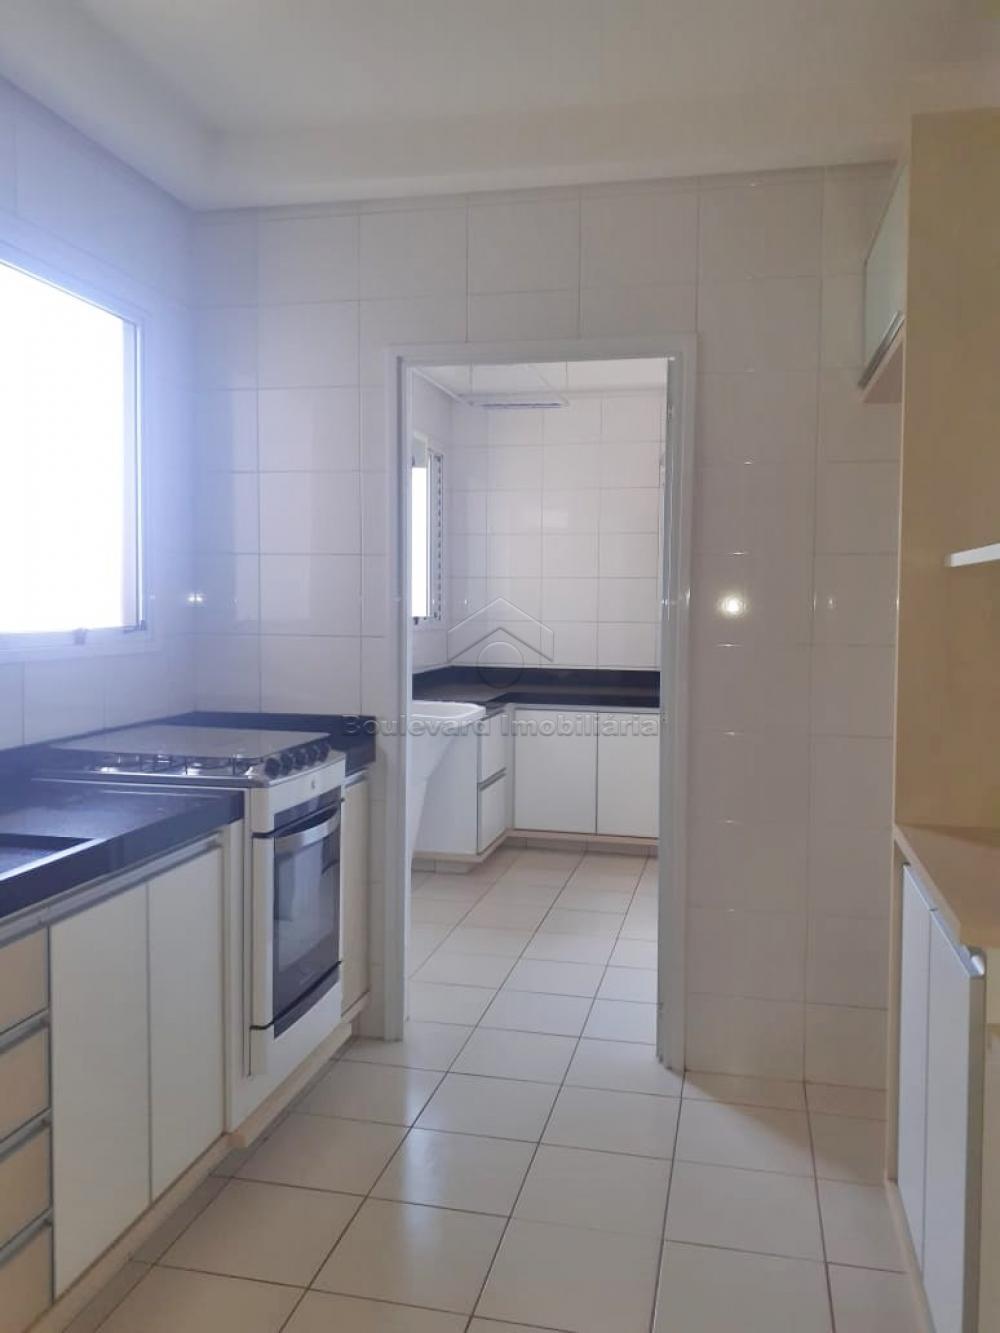 Alugar Apartamento / Padrão em Ribeirão Preto R$ 2.000,00 - Foto 26